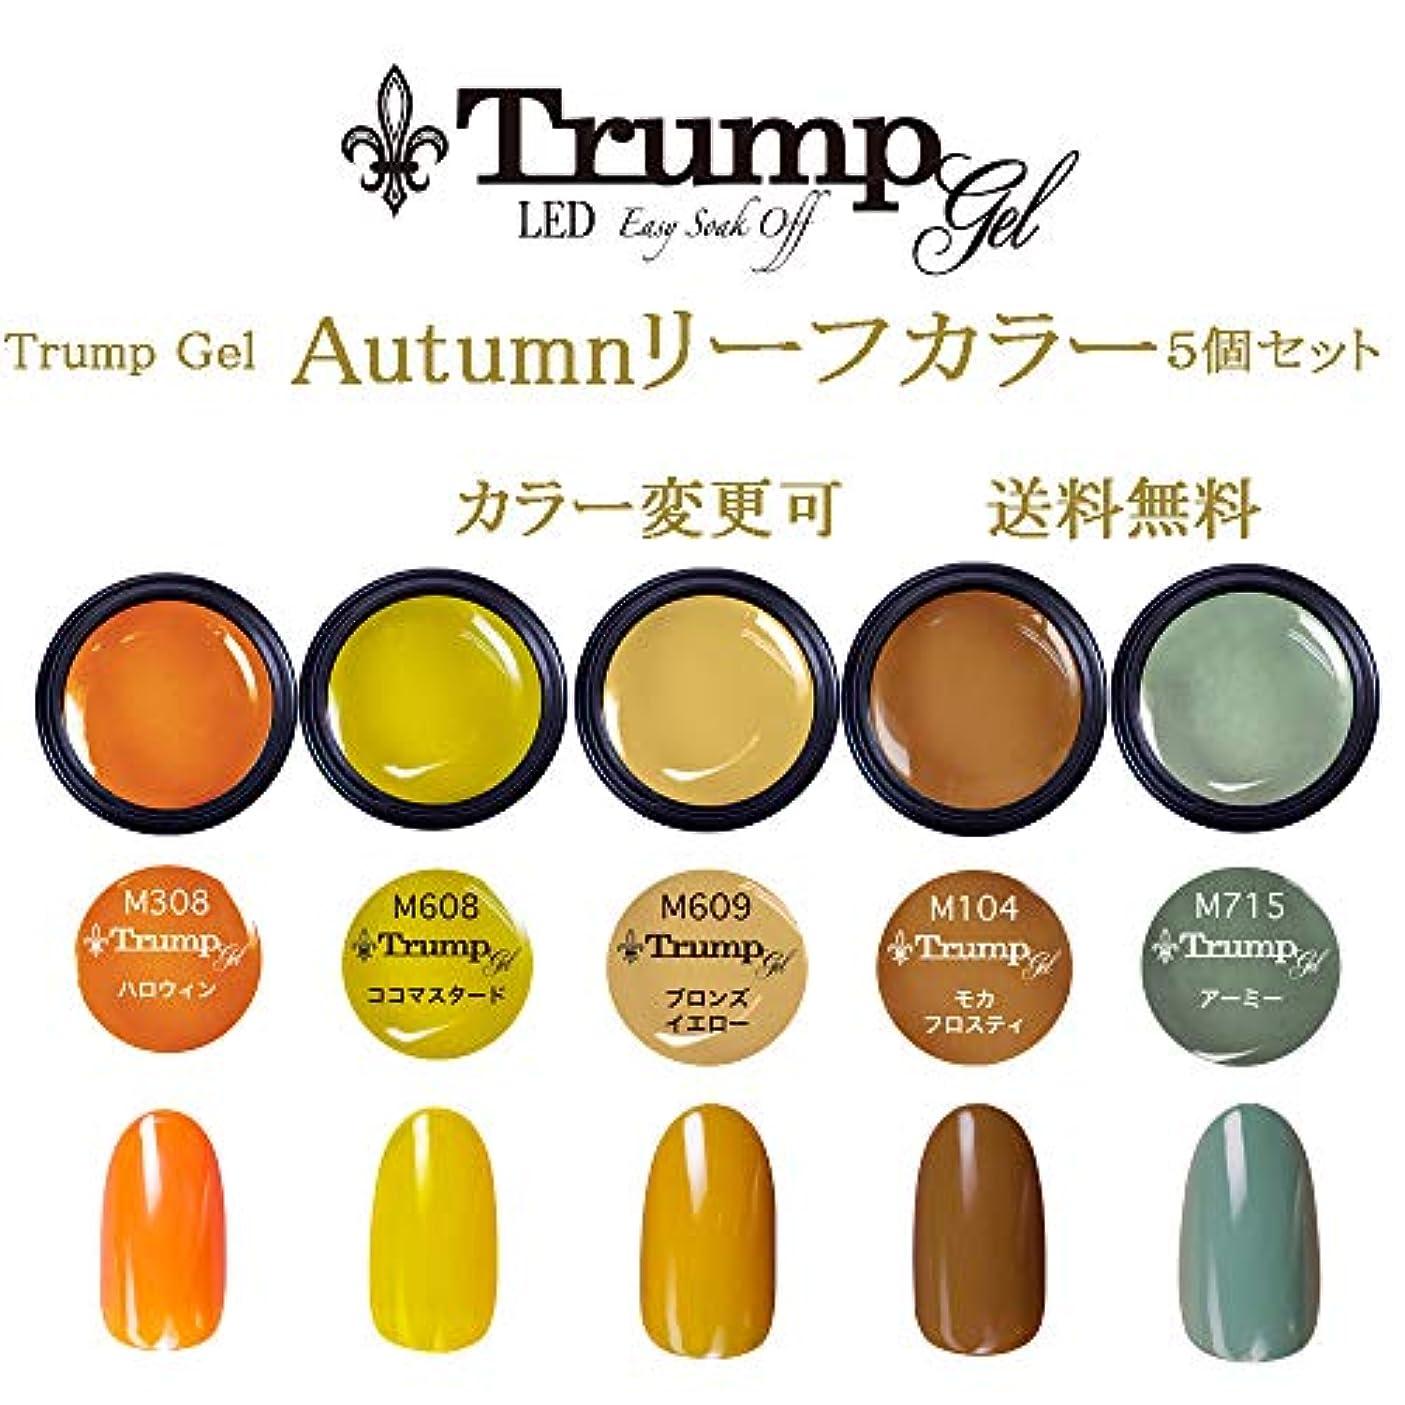 虹柔らかい連鎖【送料無料】日本製 Trump gel トランプジェル オータムリーフカラー 選べる カラージェル 5個セット オータムネイル ベージュ ブラウン マスタード カラー